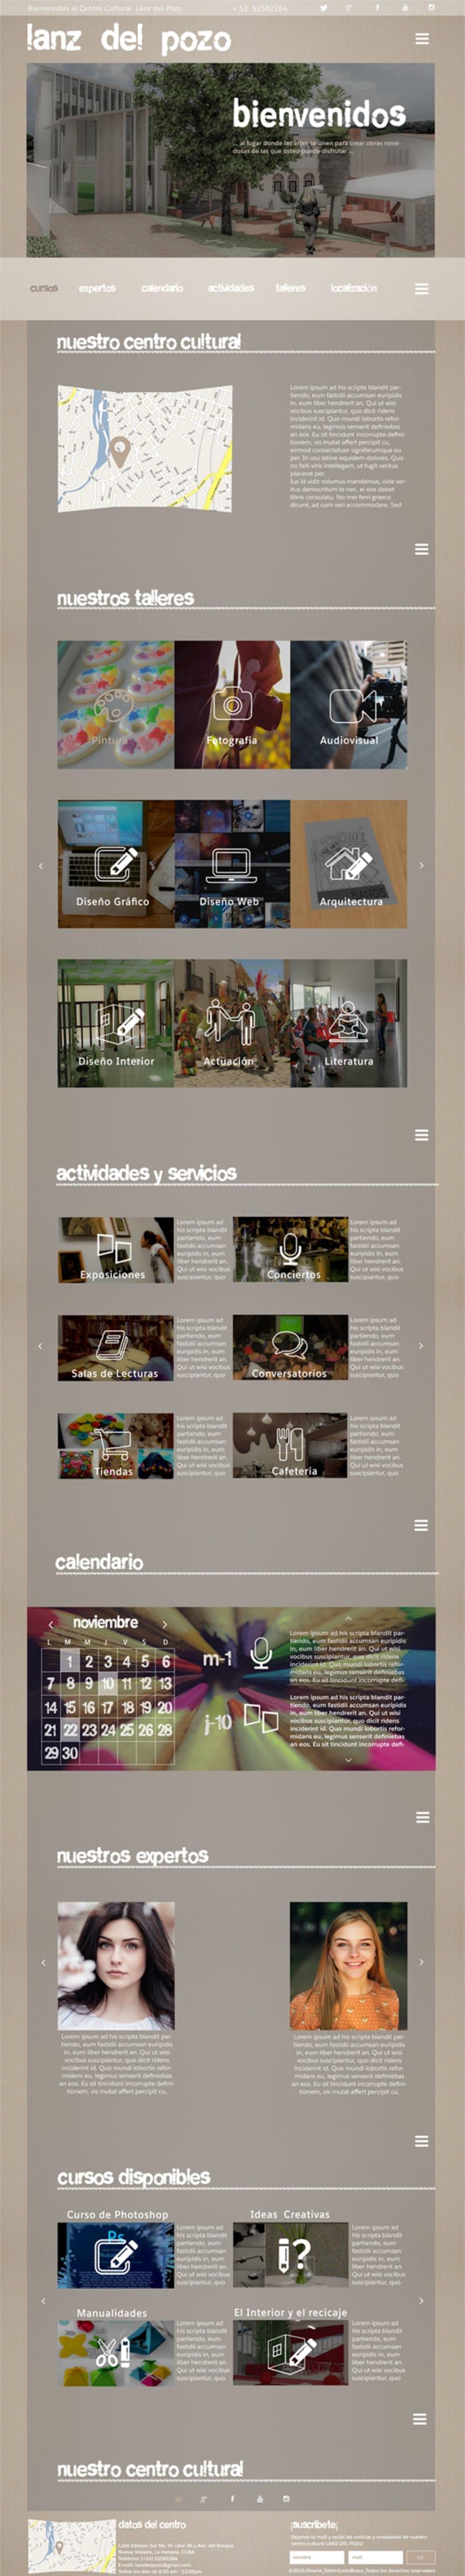 Diseño web para centro cultural Lanz del Pozo 1